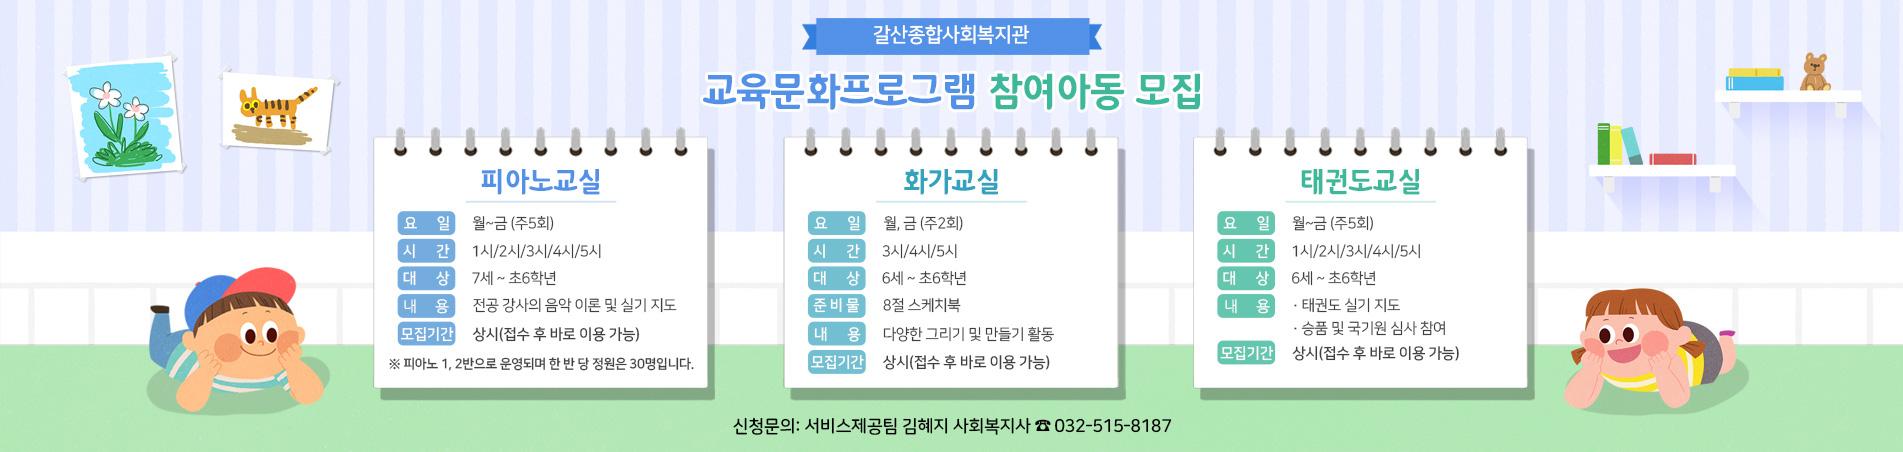 신청문의: 서비스제공팀 김혜지 사회복지사 ☎ 032-515-8187